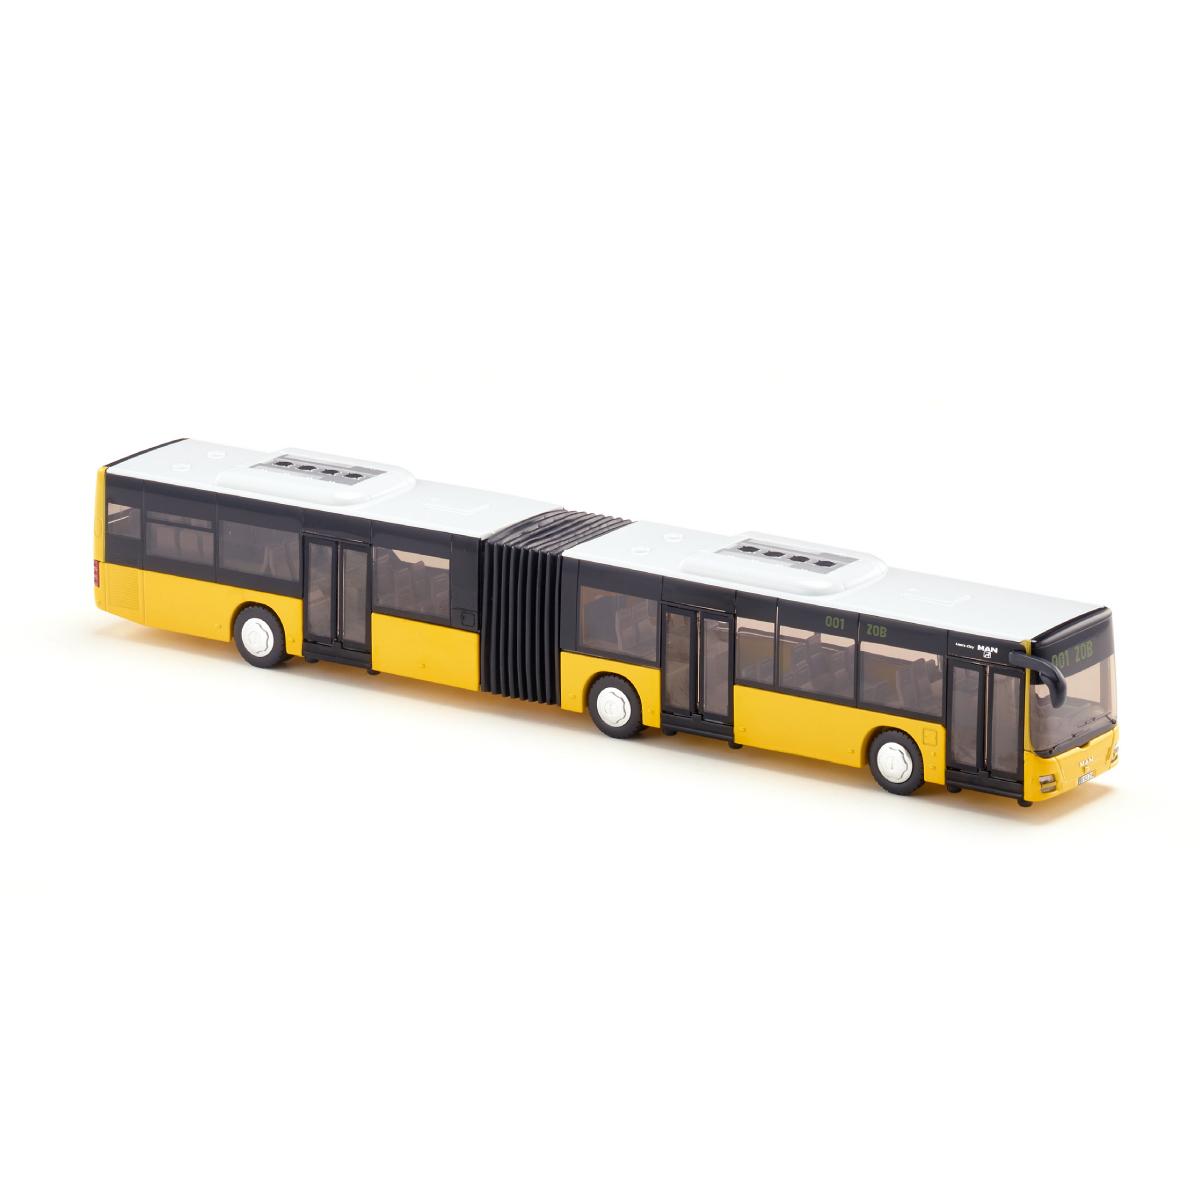 MAN 連接バス 1:50(ジク・SIKU)